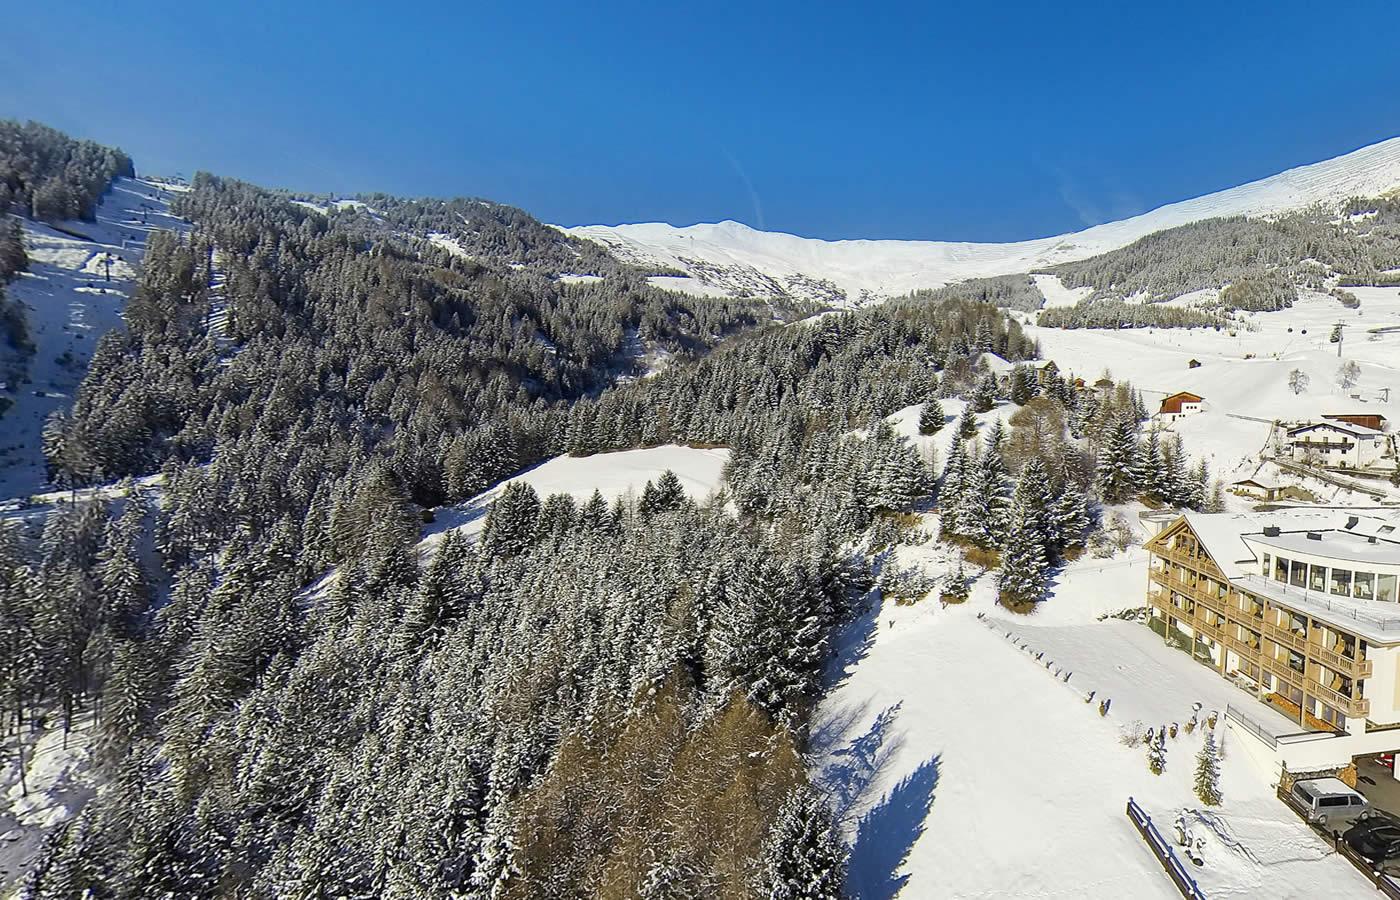 Lage des Hotels im Winter - Außen-Luft-Aufnahme